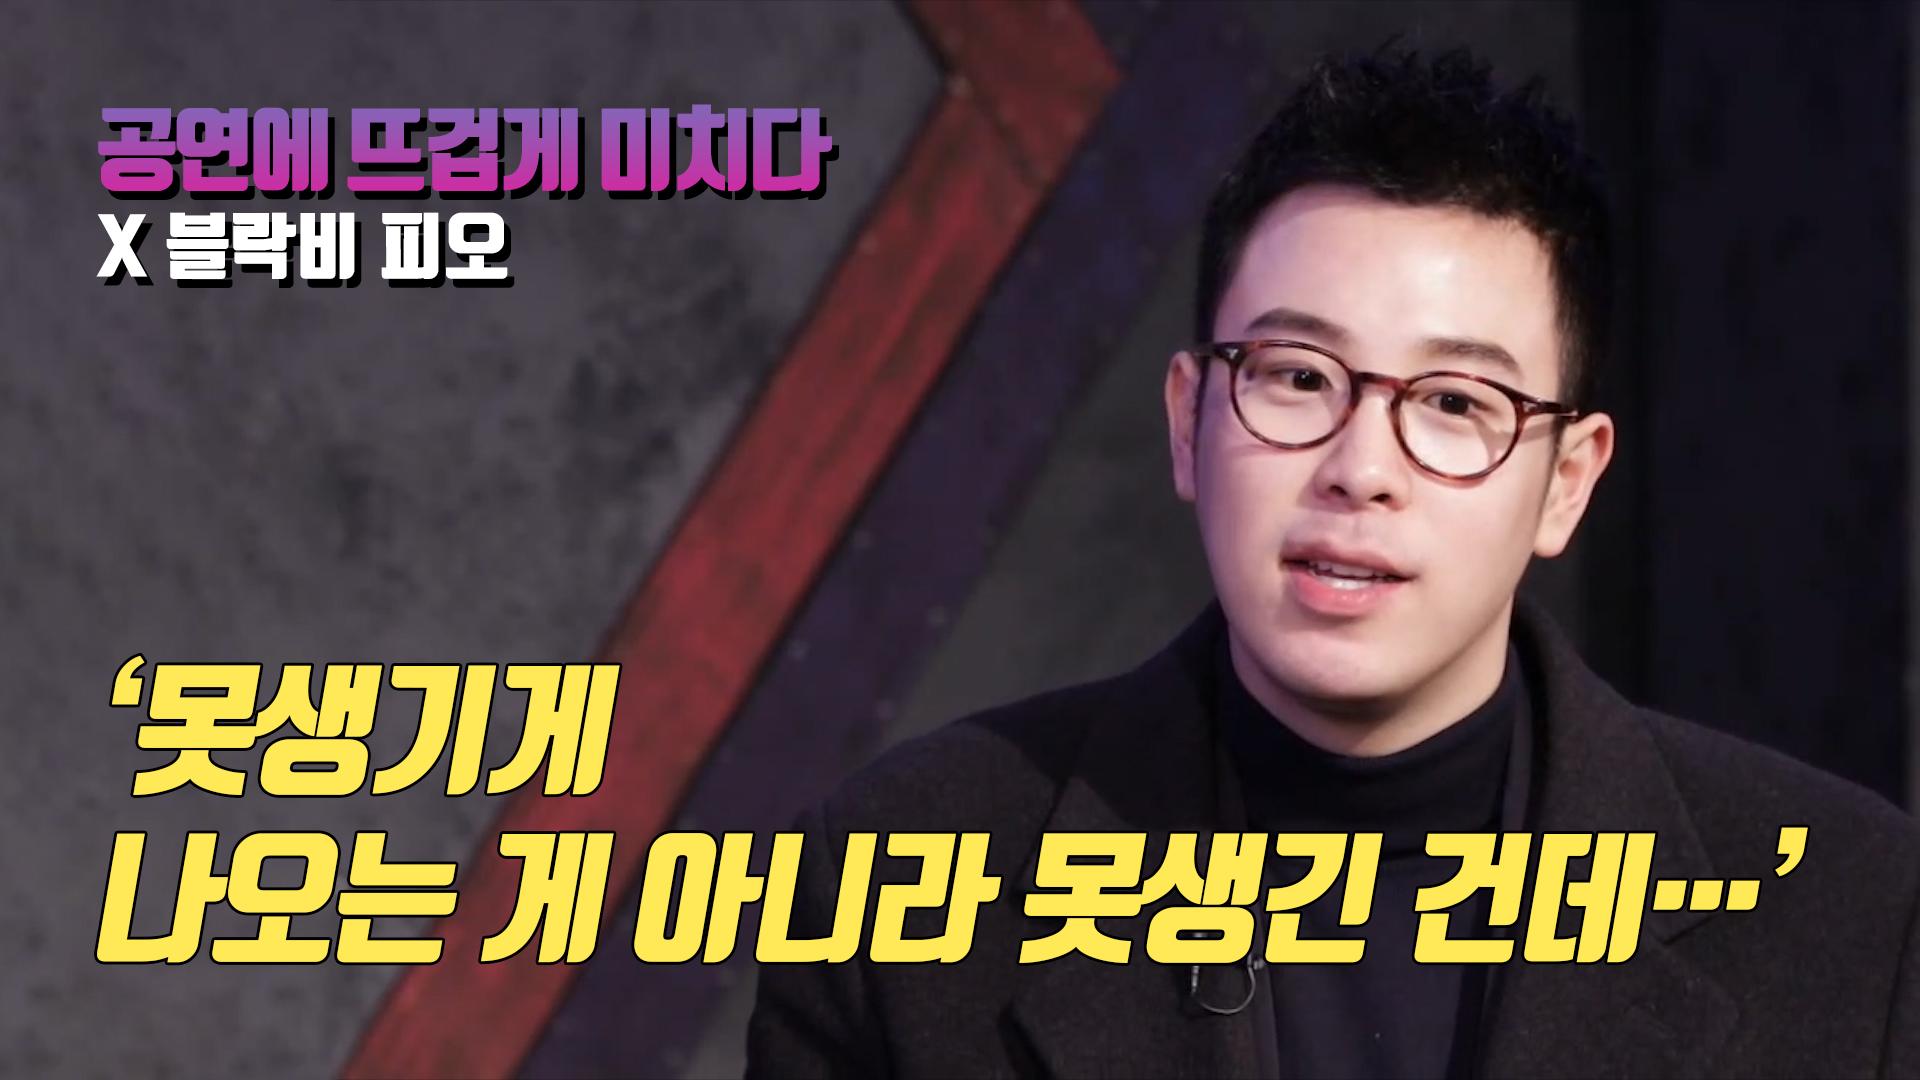 블락비 피오, 팬들의 반응에 '시무룩'해진 사연은?